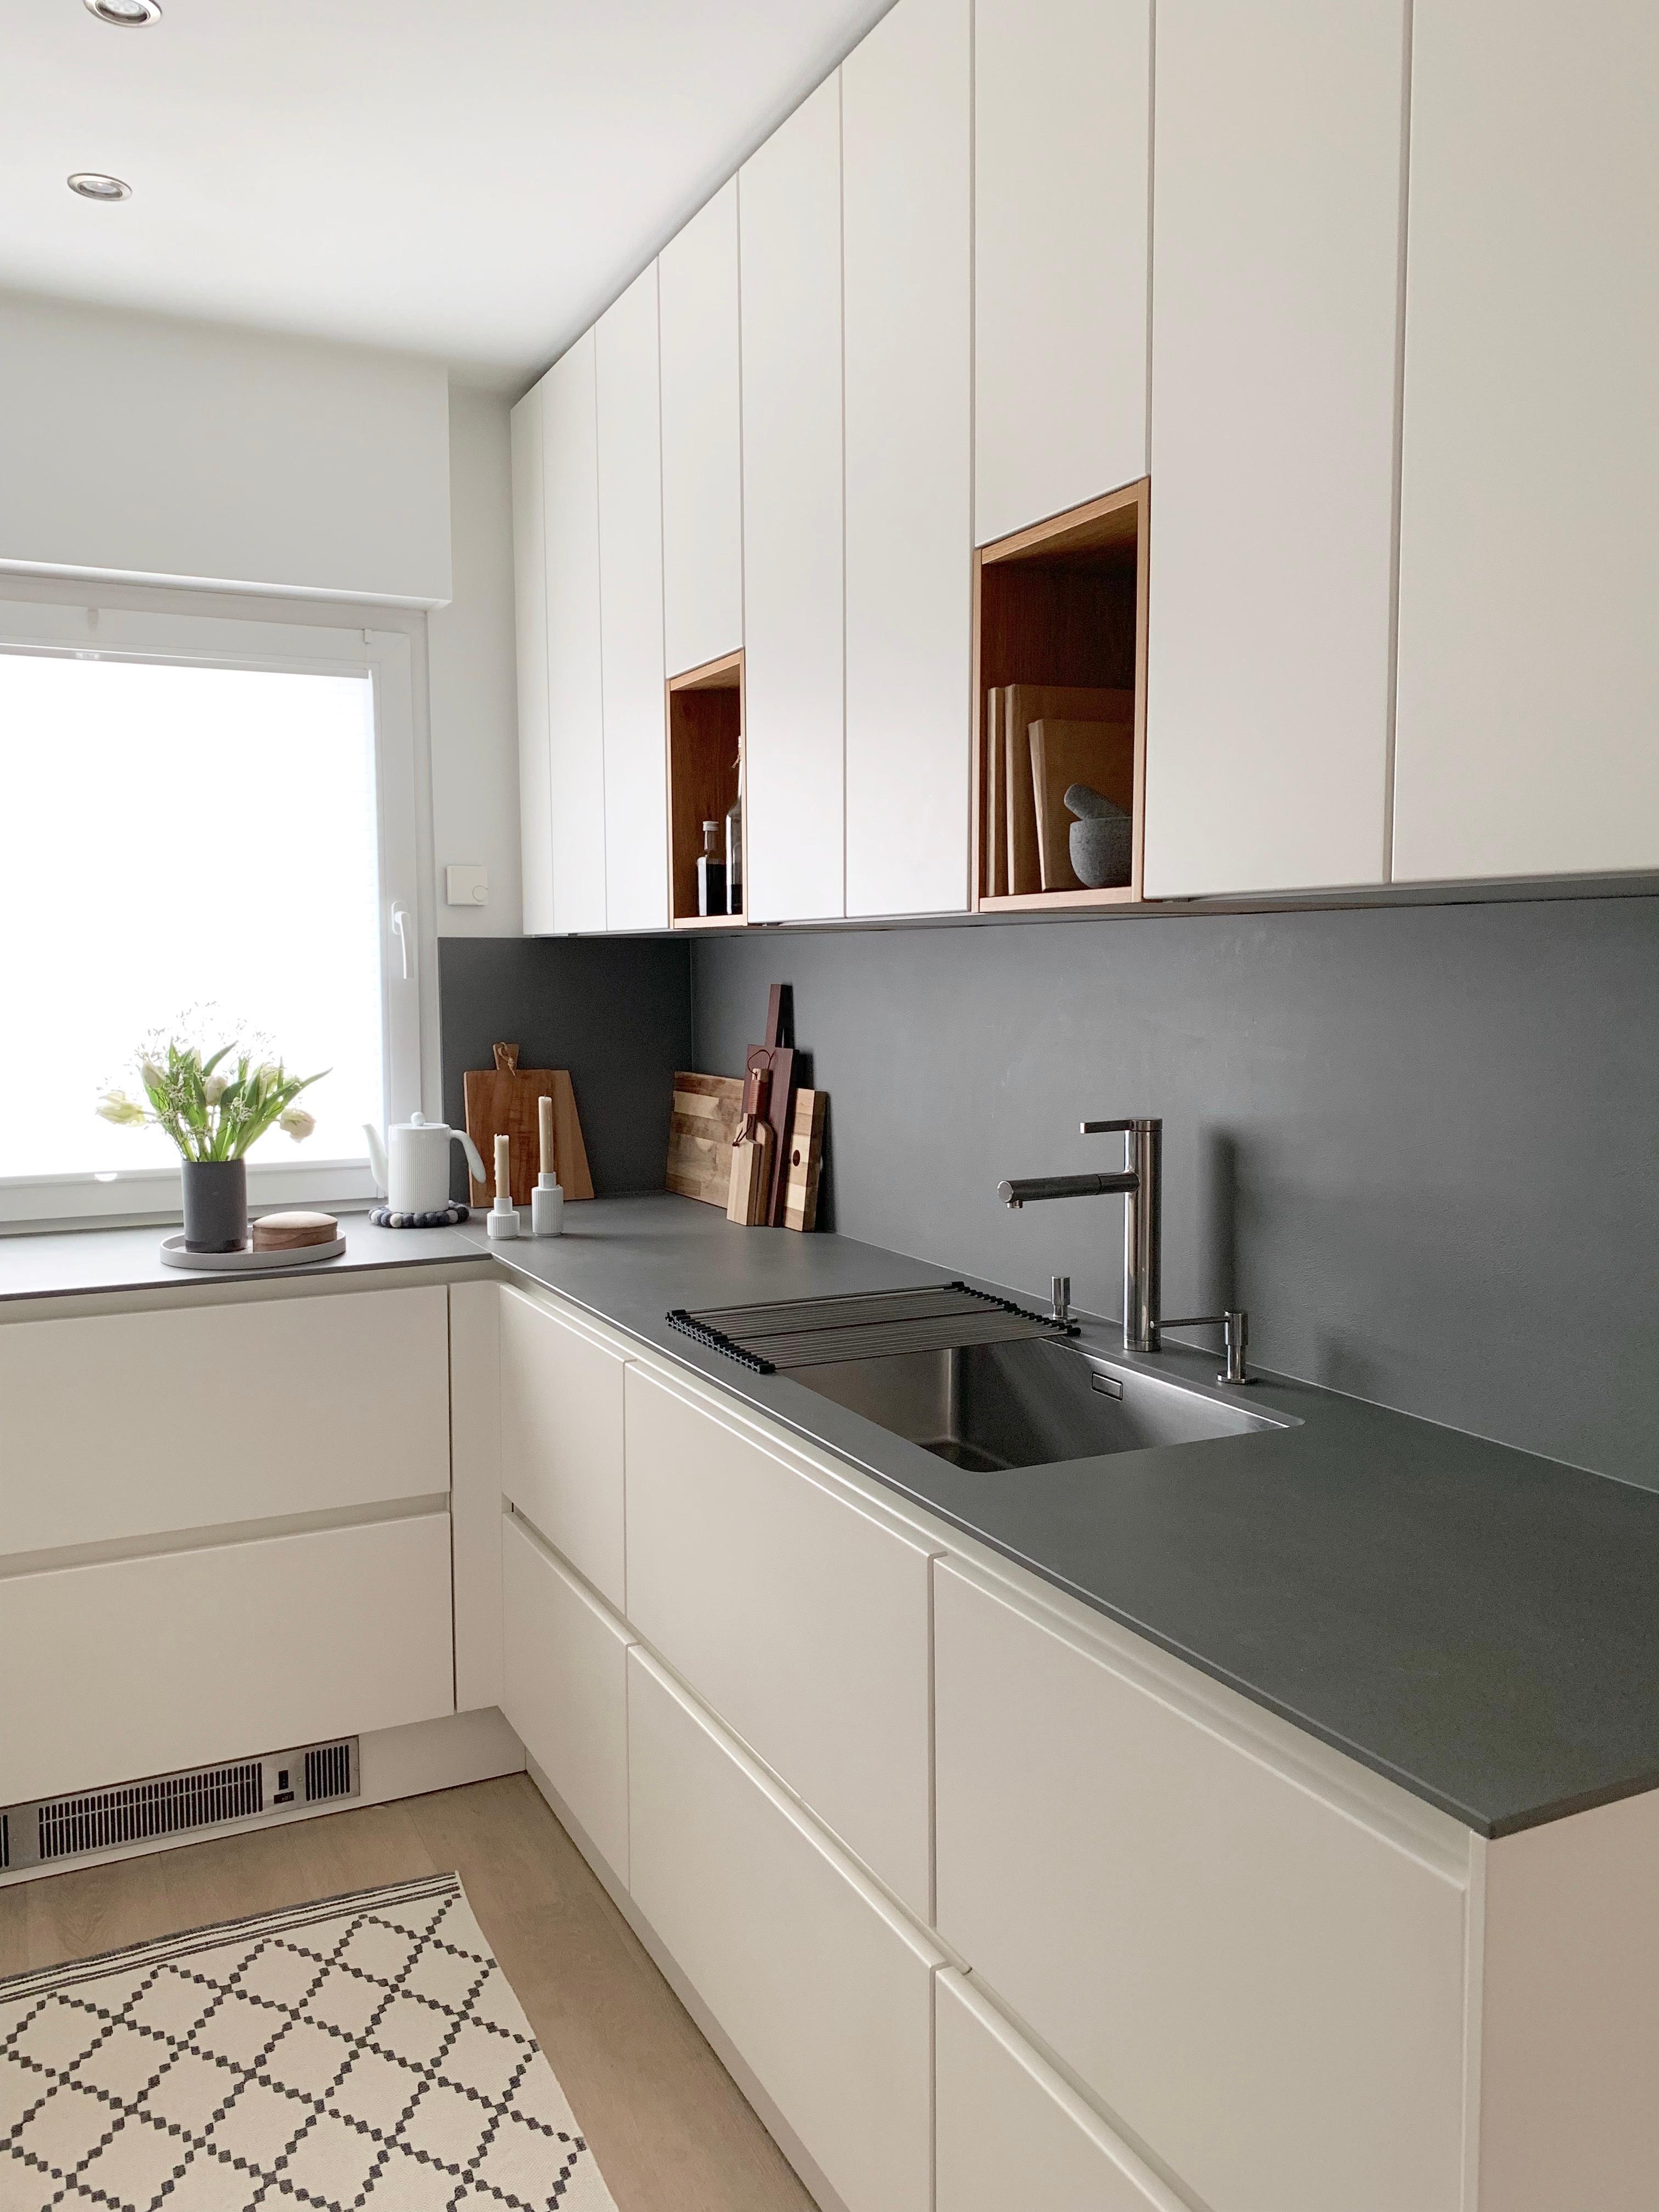 Berühmt Kleine Küchen größer machen: So geht's! OF35